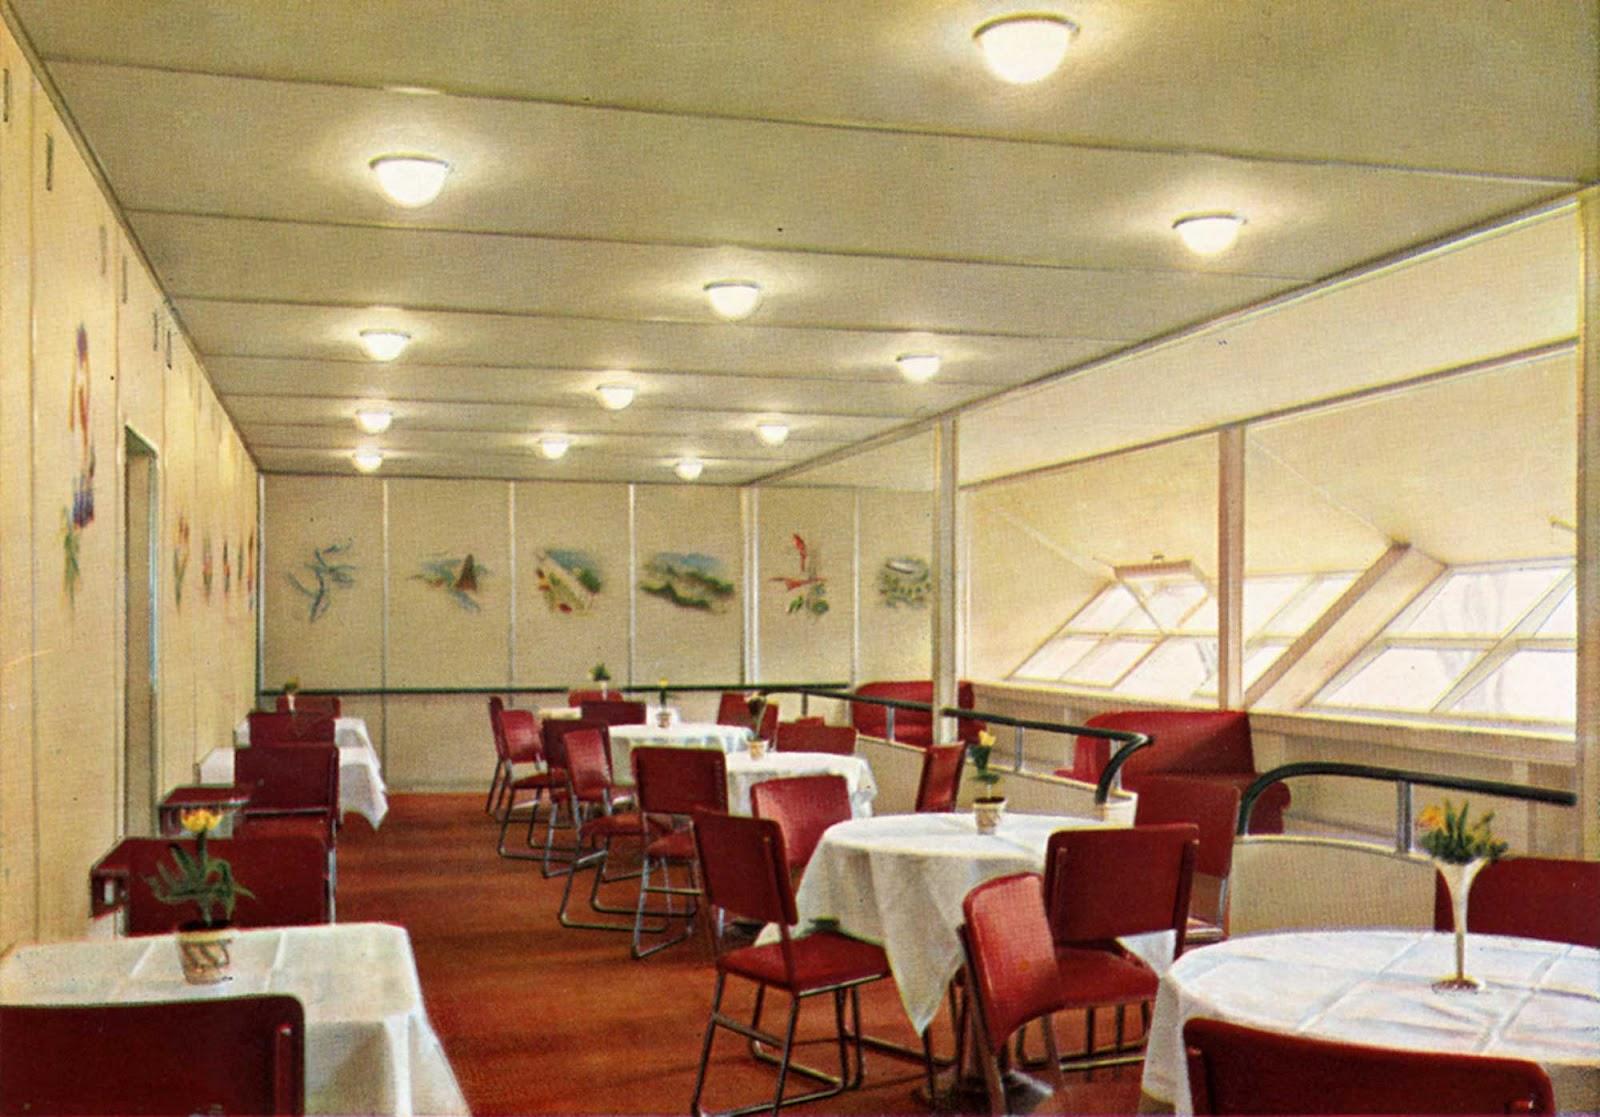 Quot Tweedland Quot The Gentlemen S Club The Fabulous Interiors